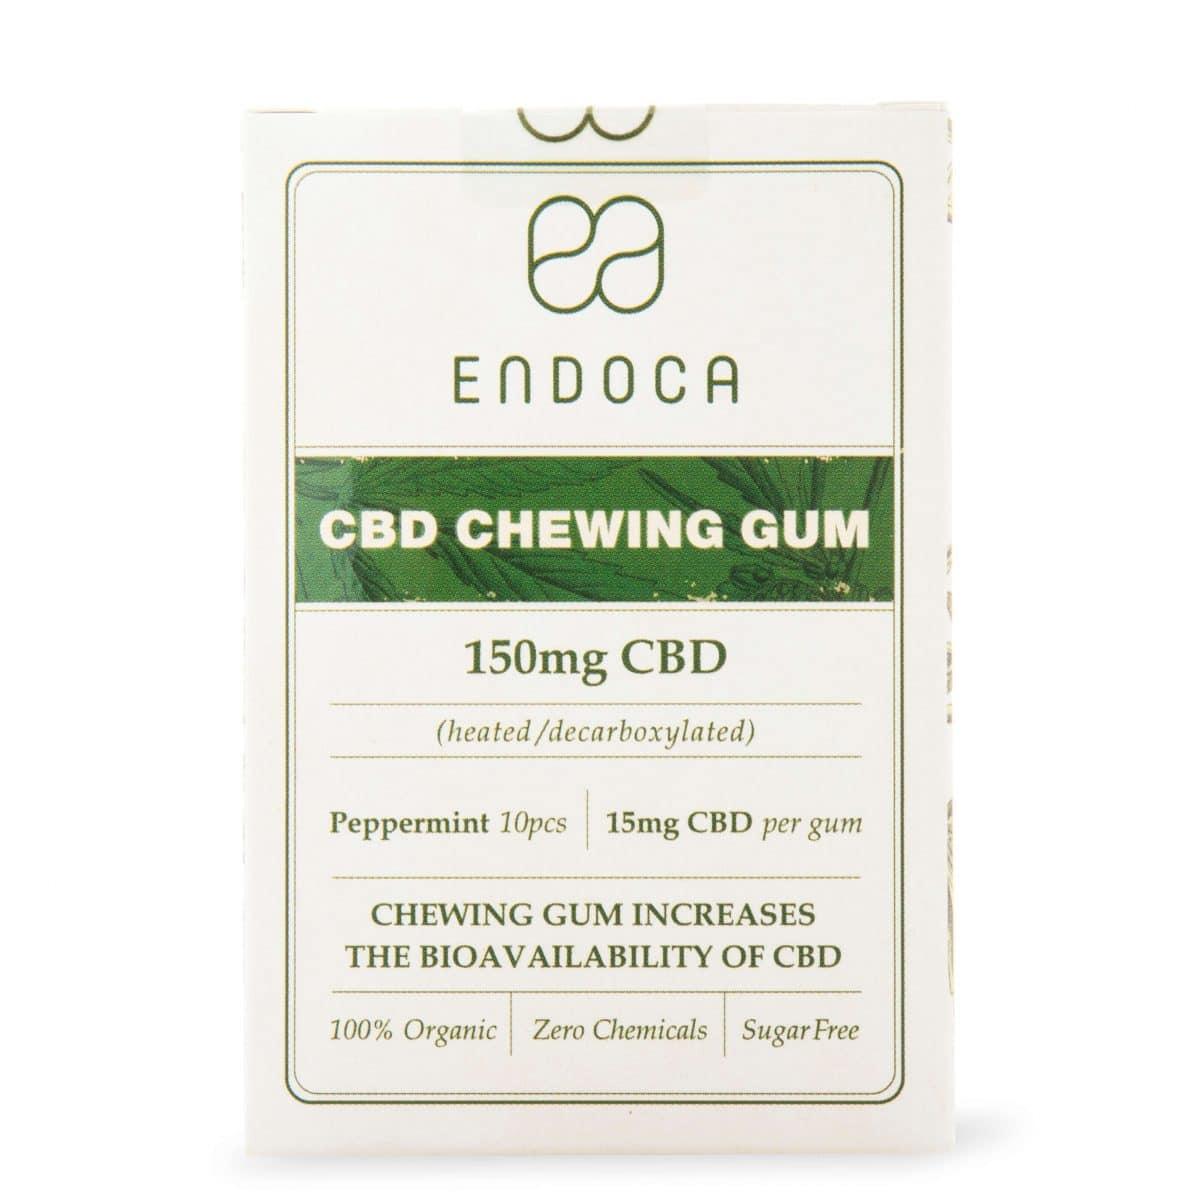 Endoca CBD discount code